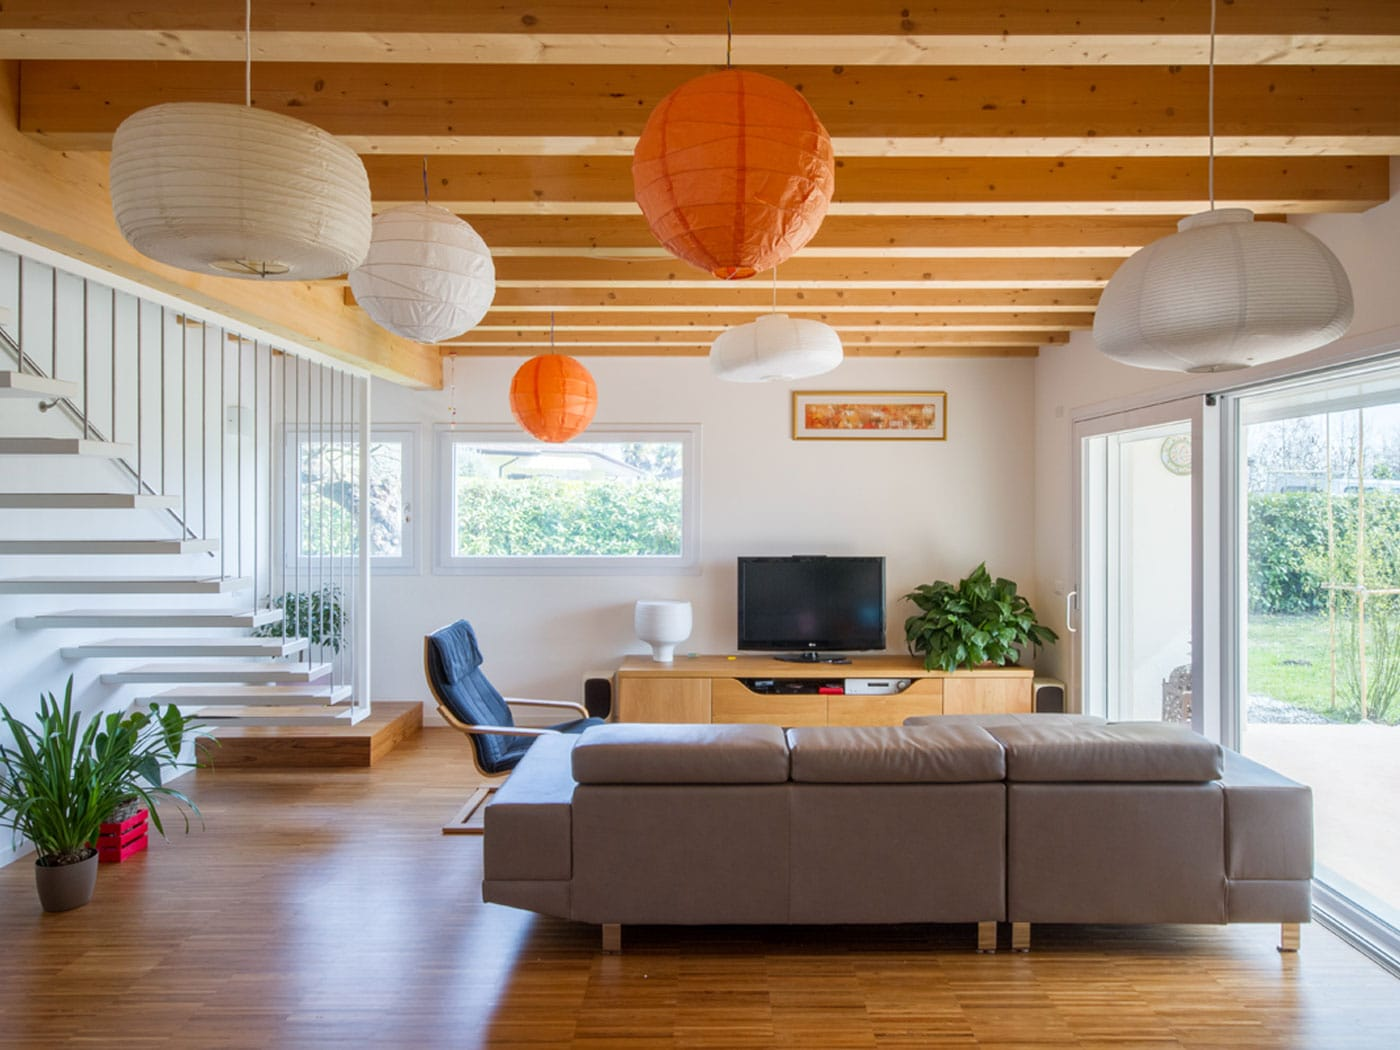 Edificio unifamiliare con rivestimento in legno